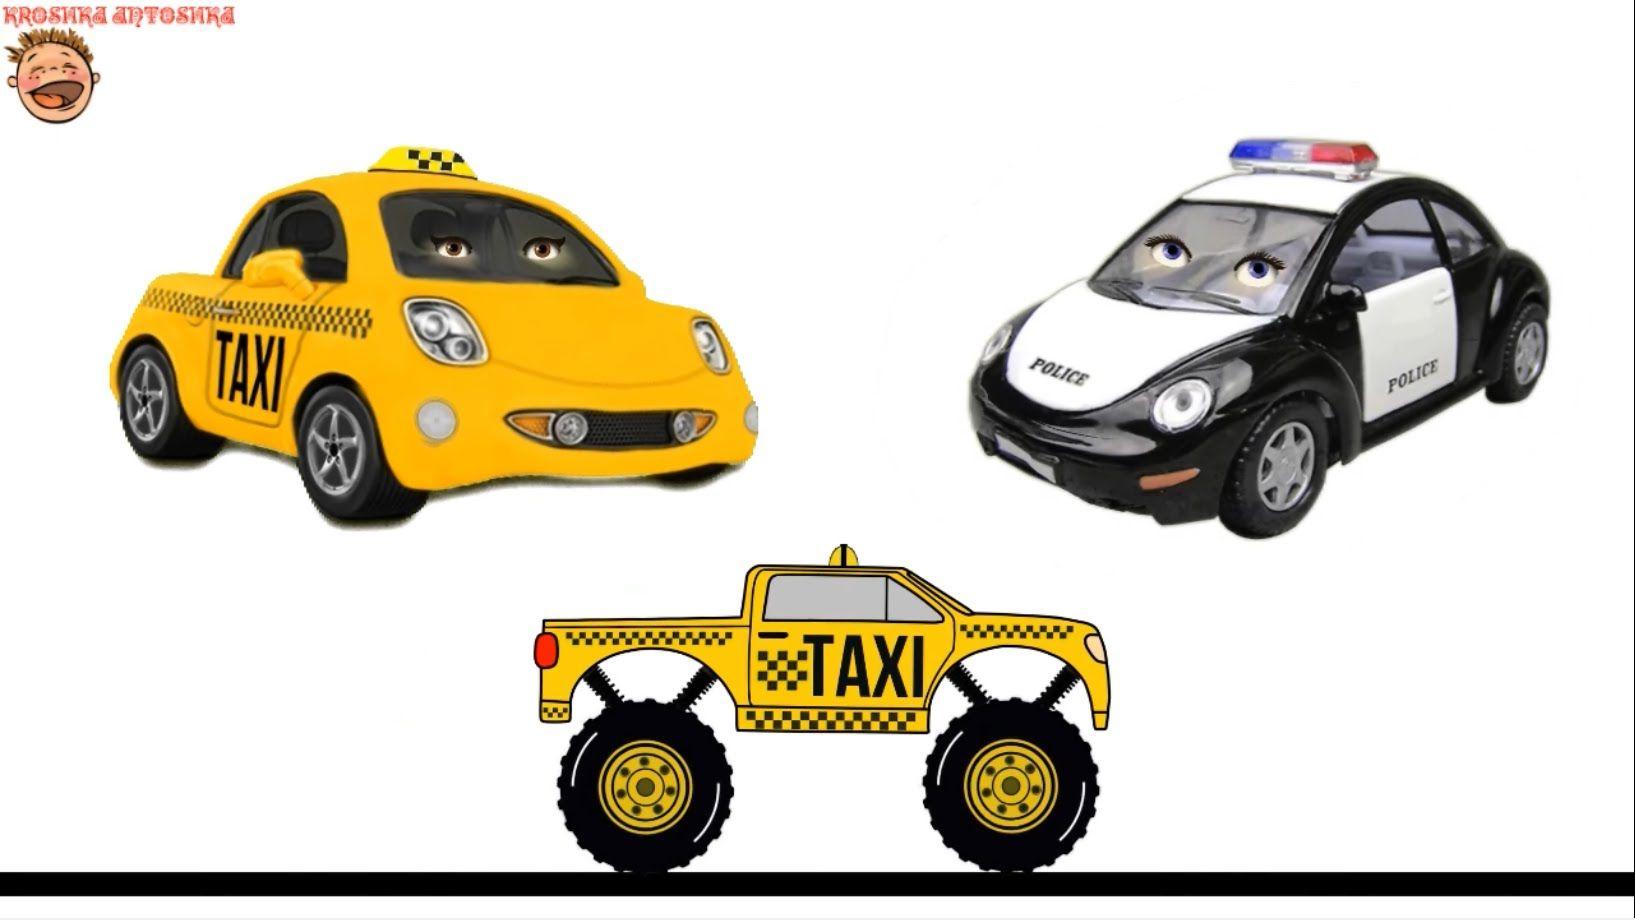 Полицейская машина Полис и машинка такси Таксик смотрят ...